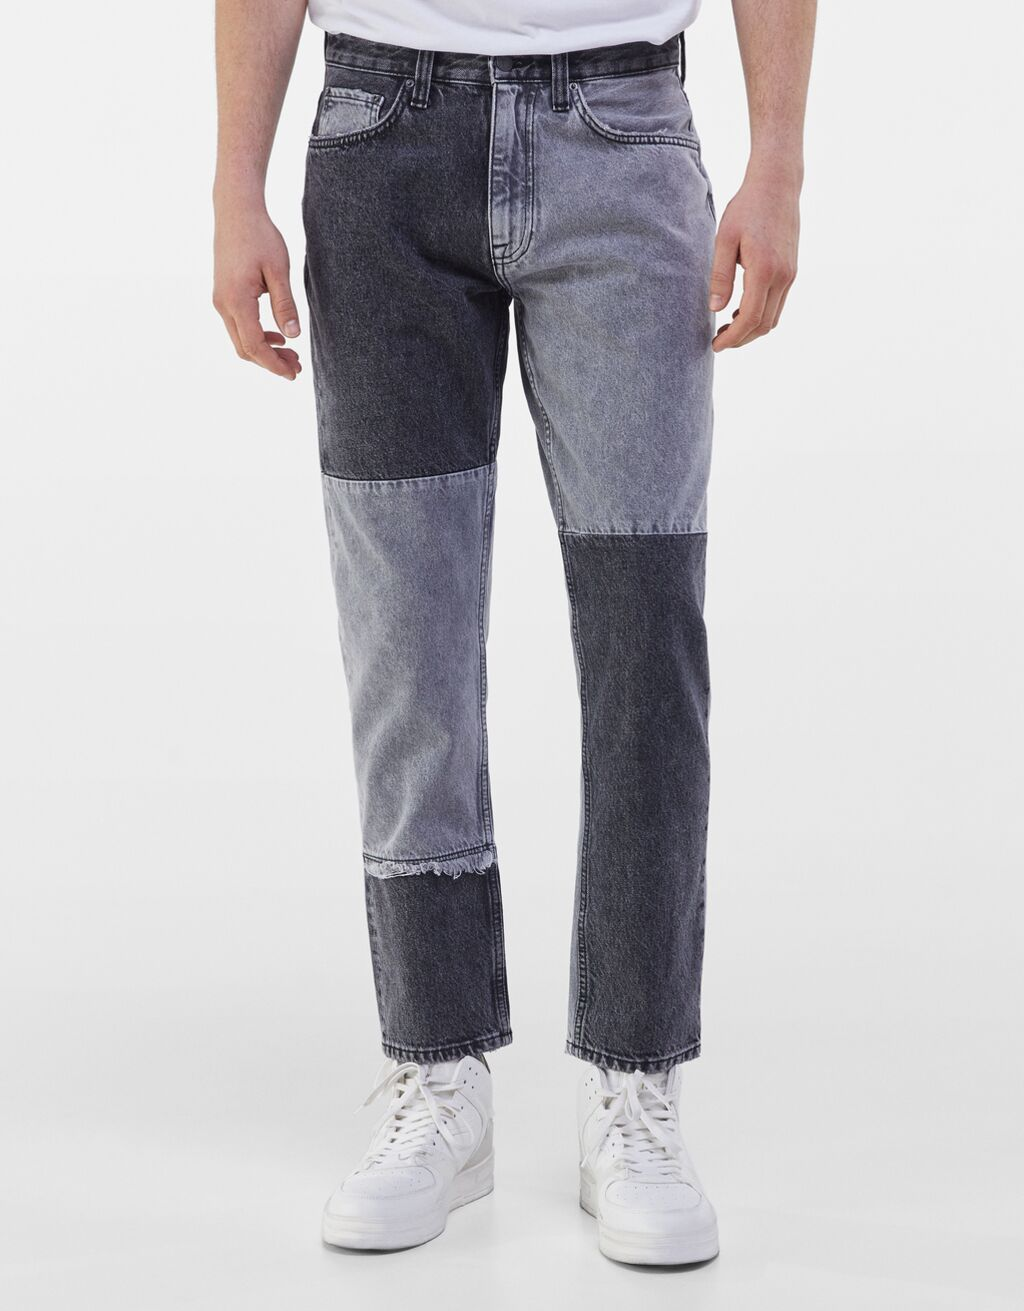 Jeans a dos tonos con parches